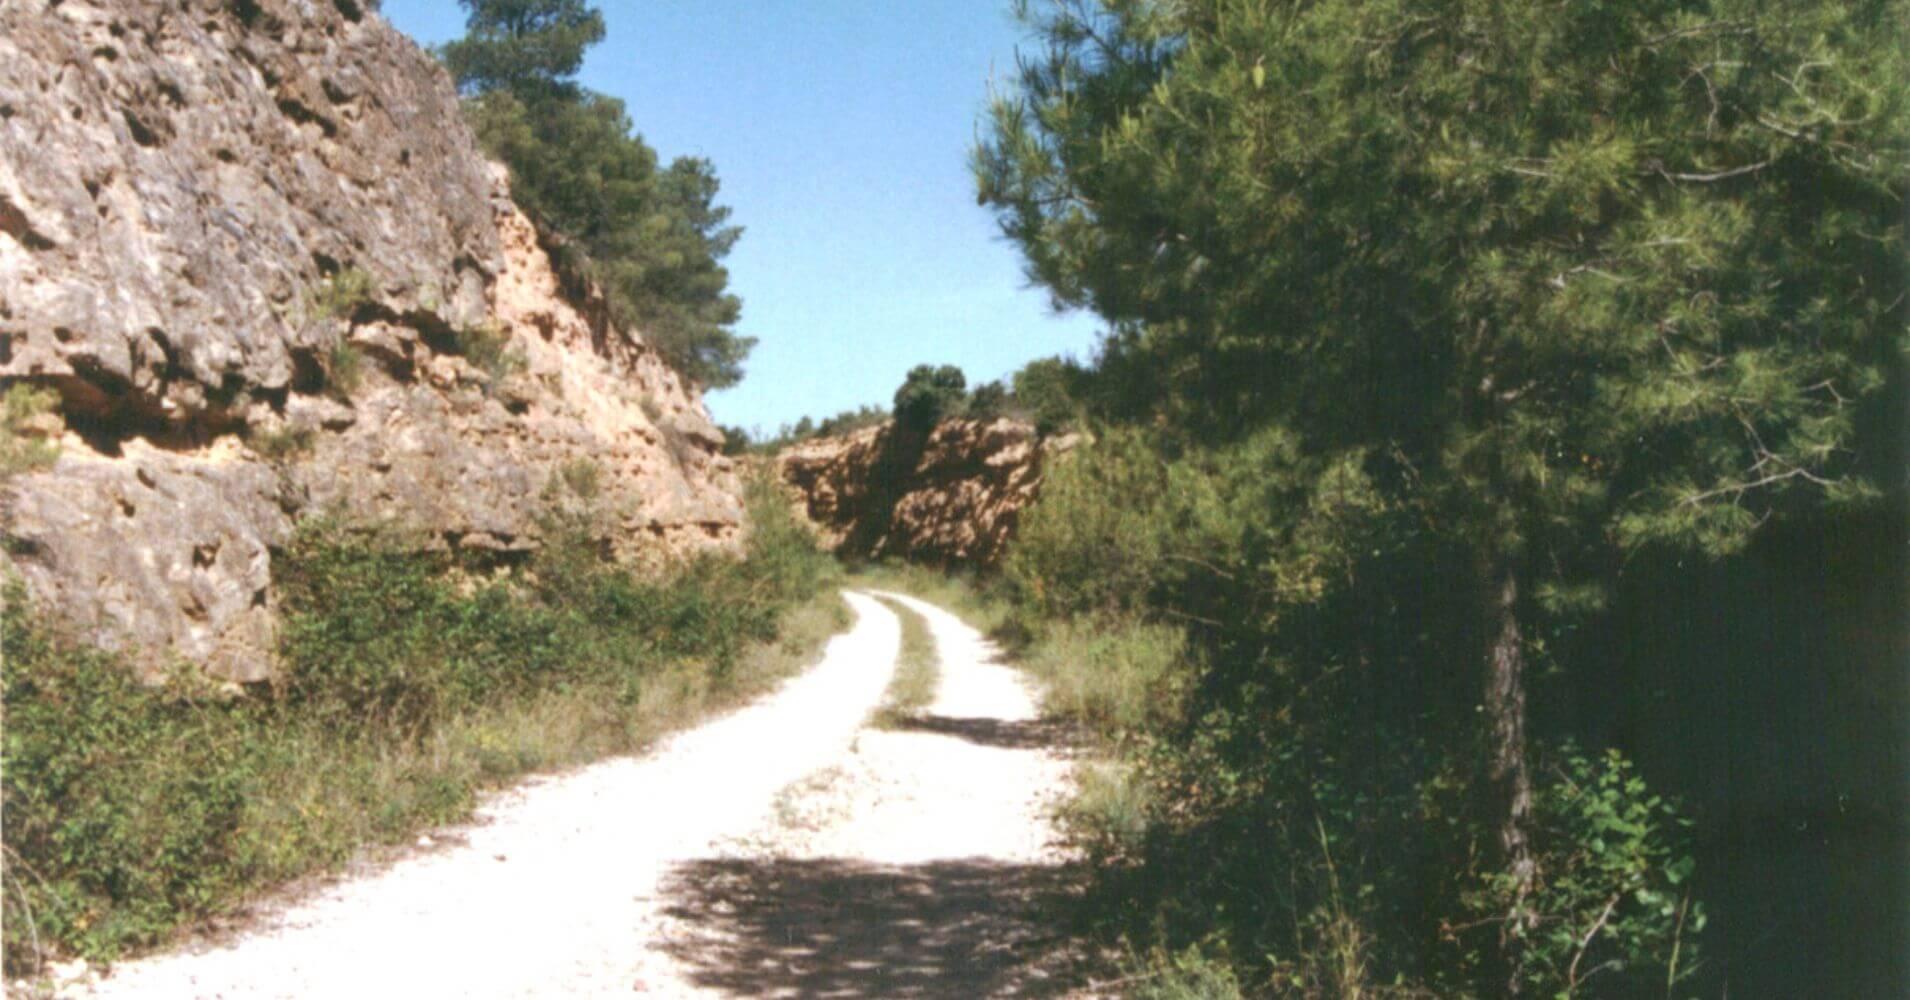 Trinchera camino a Valdetormo. Teruel, Aragón.